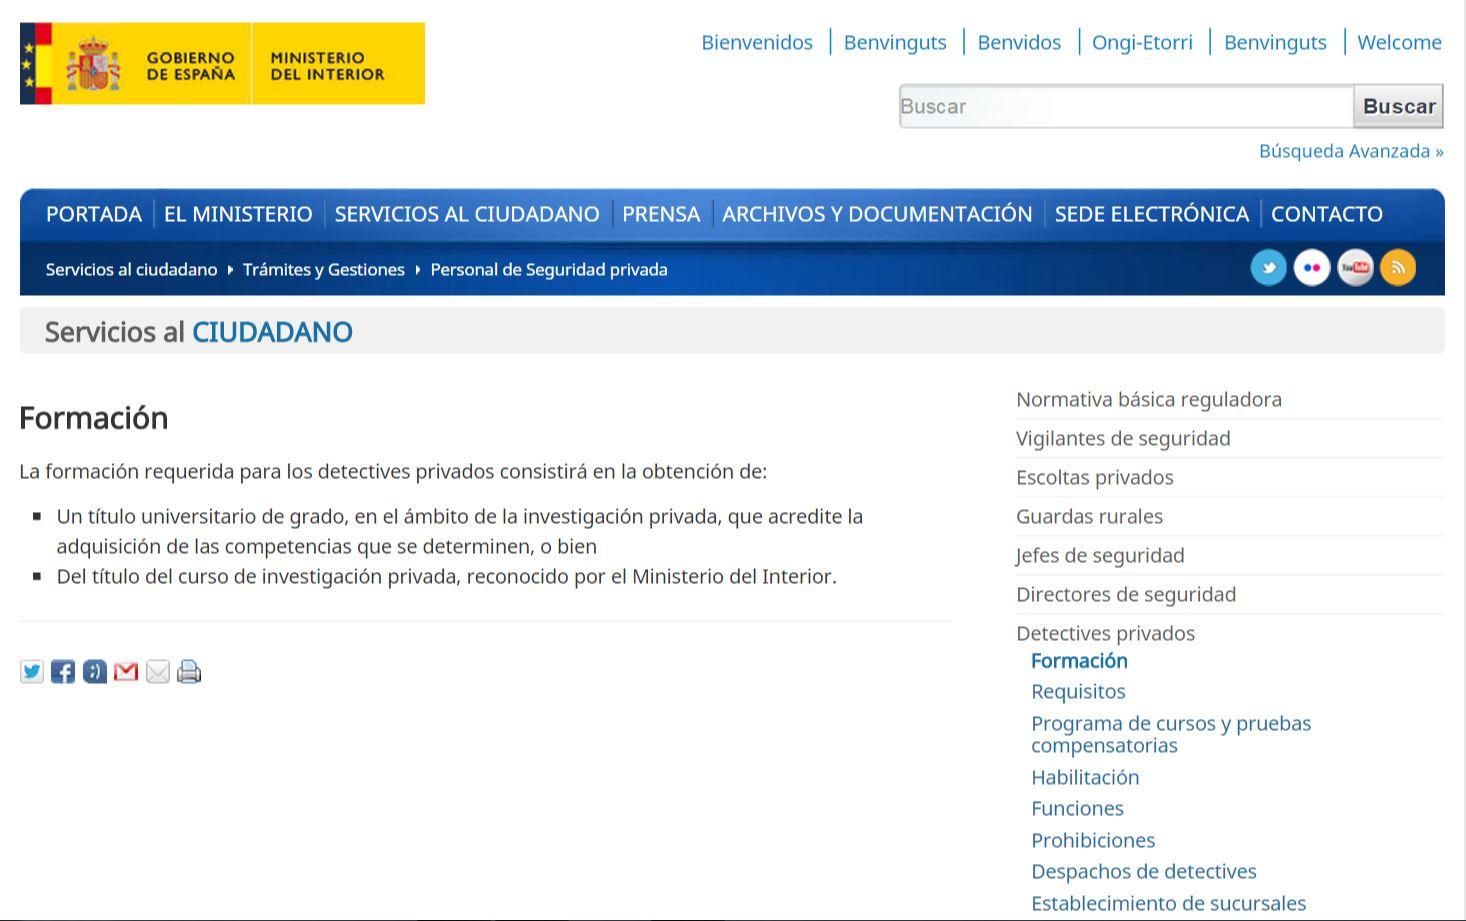 Licencia oficial del ministerio del interior indagator for Ministerio del interior pagina oficial